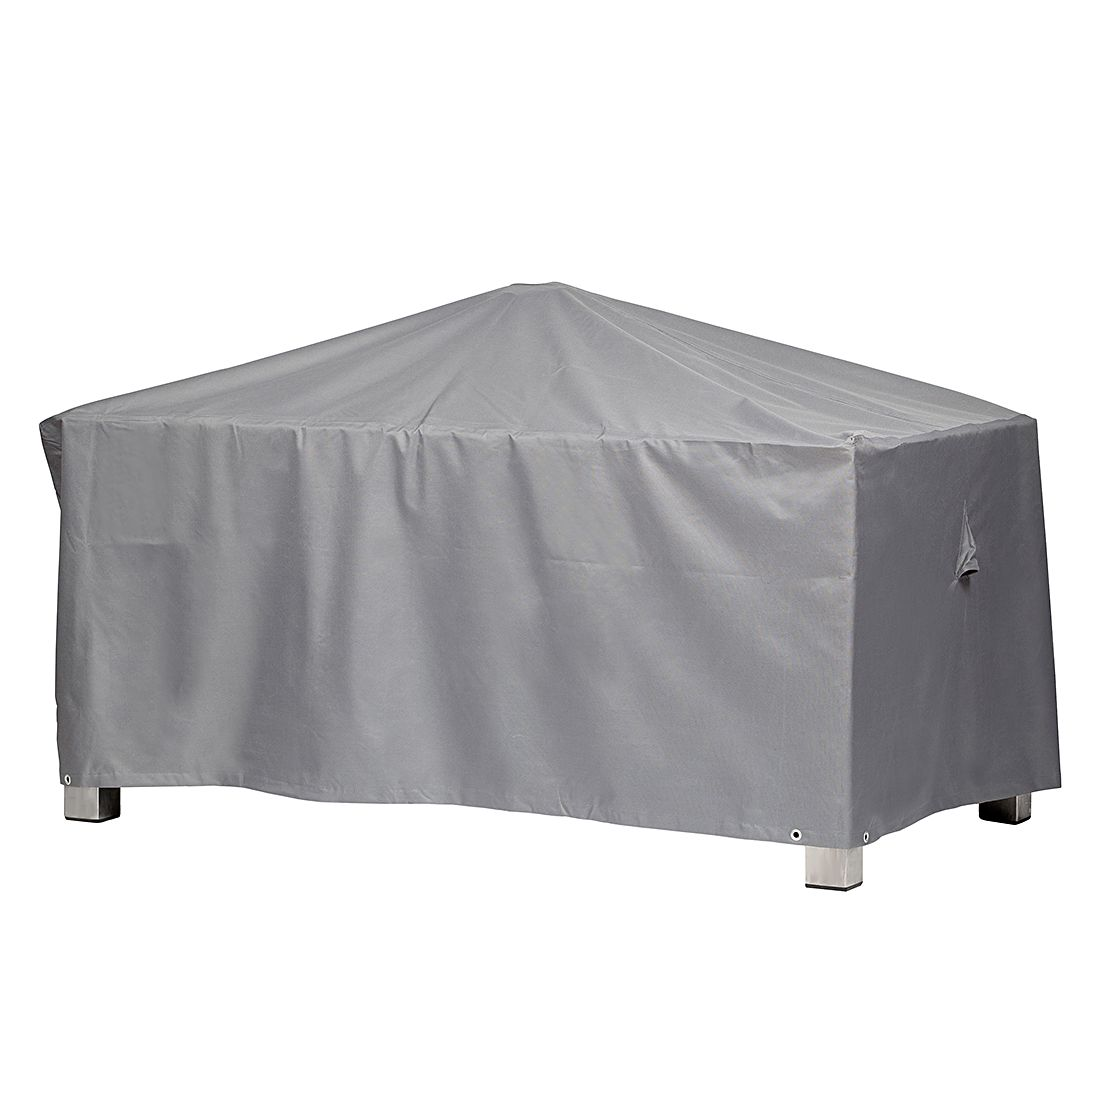 Schutzhülle Premium für rechteckigen Gartentisch (225 x 115 cm) - Polyester, mehr Garten